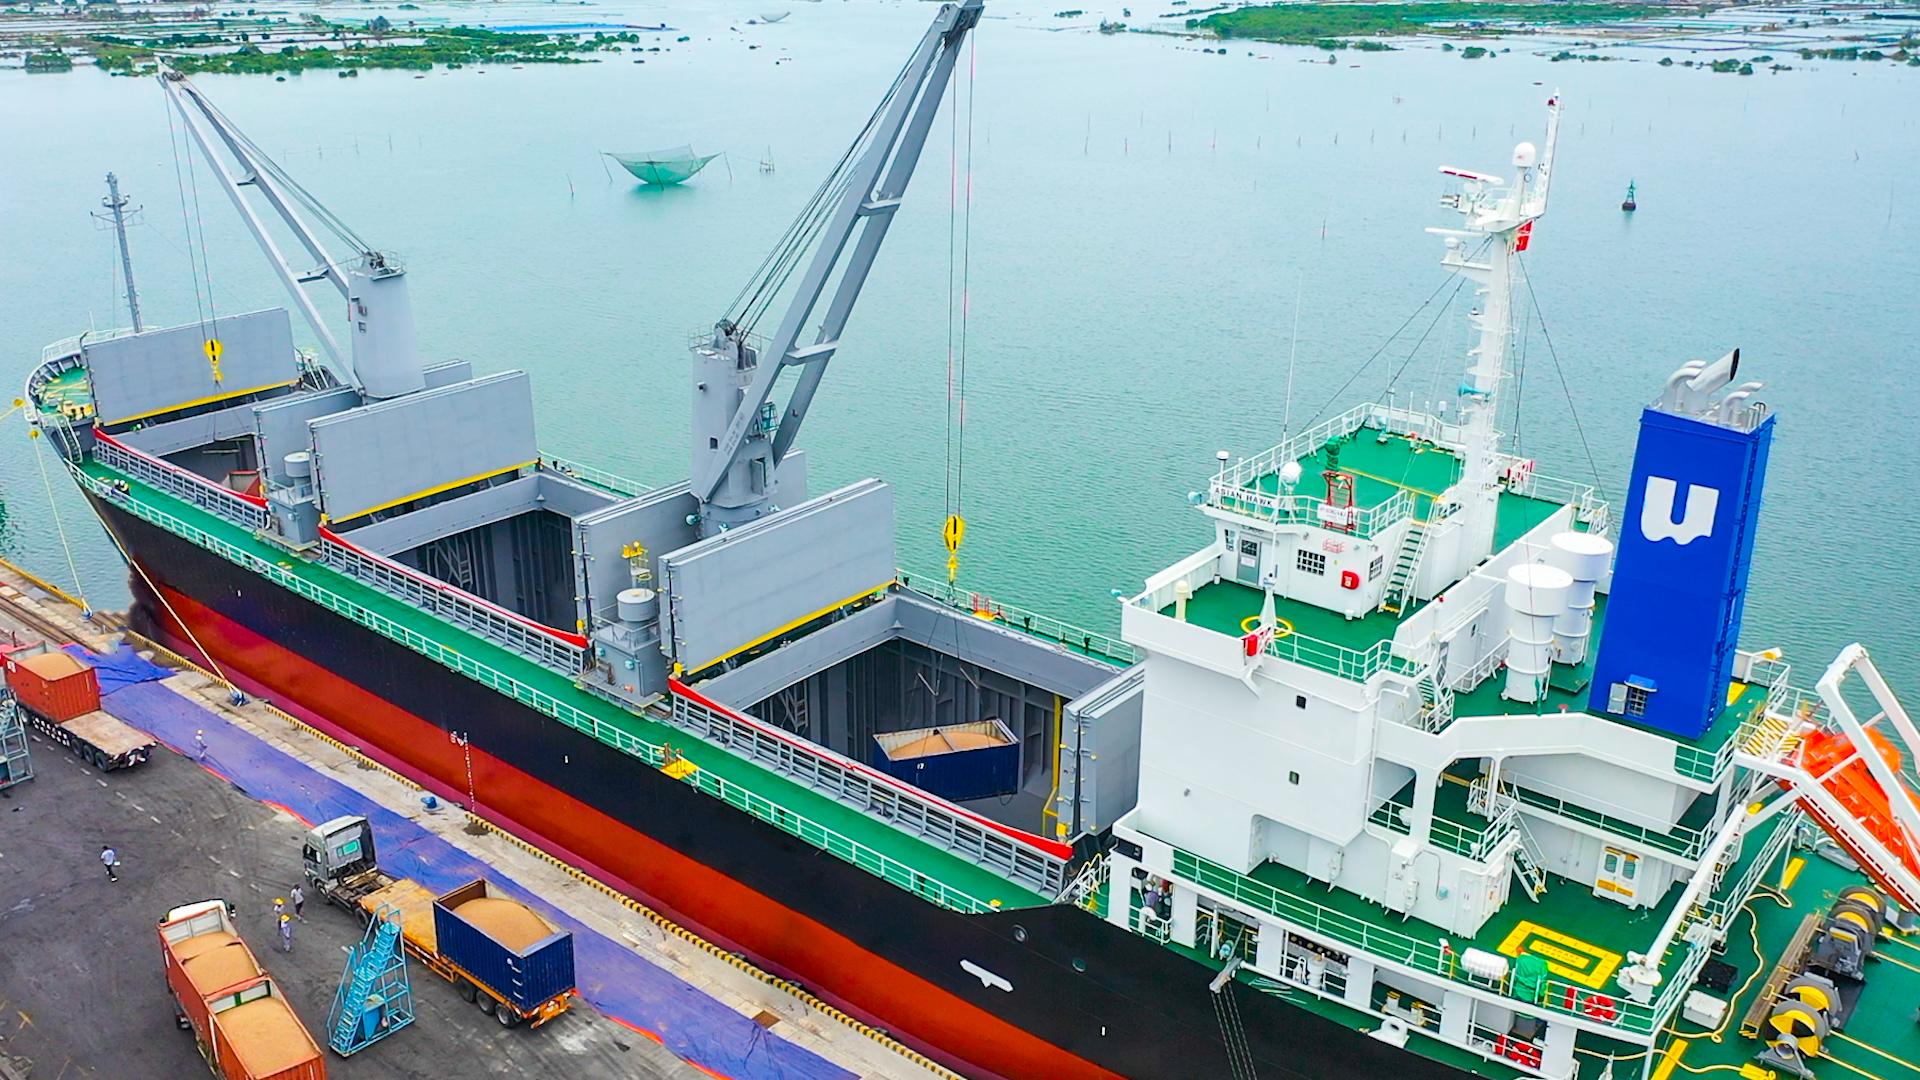 Dịch vụ logistics trọn gói của THILOGI: Giải pháp giúp doanh nghiệp tăng tính cạnh tranh - Ảnh 5.